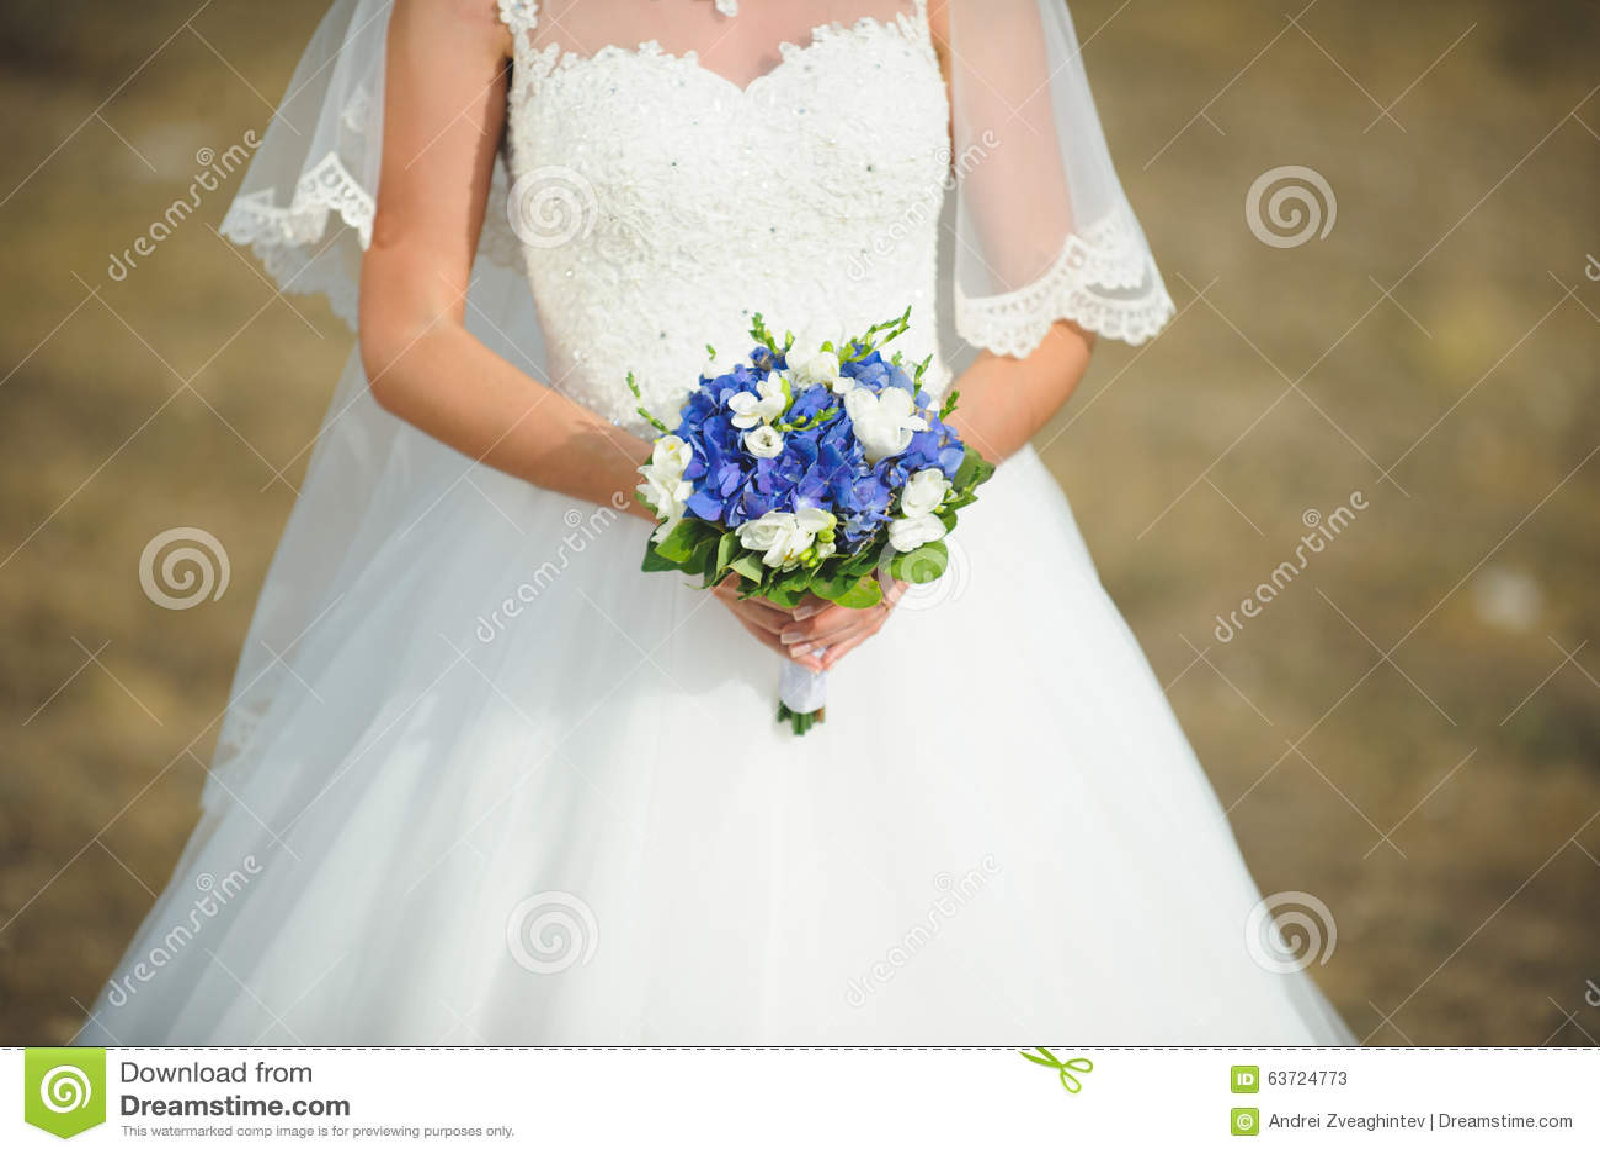 bouquet mariee blanc bleu meilleur blog de photos de mariage pour vous. Black Bedroom Furniture Sets. Home Design Ideas